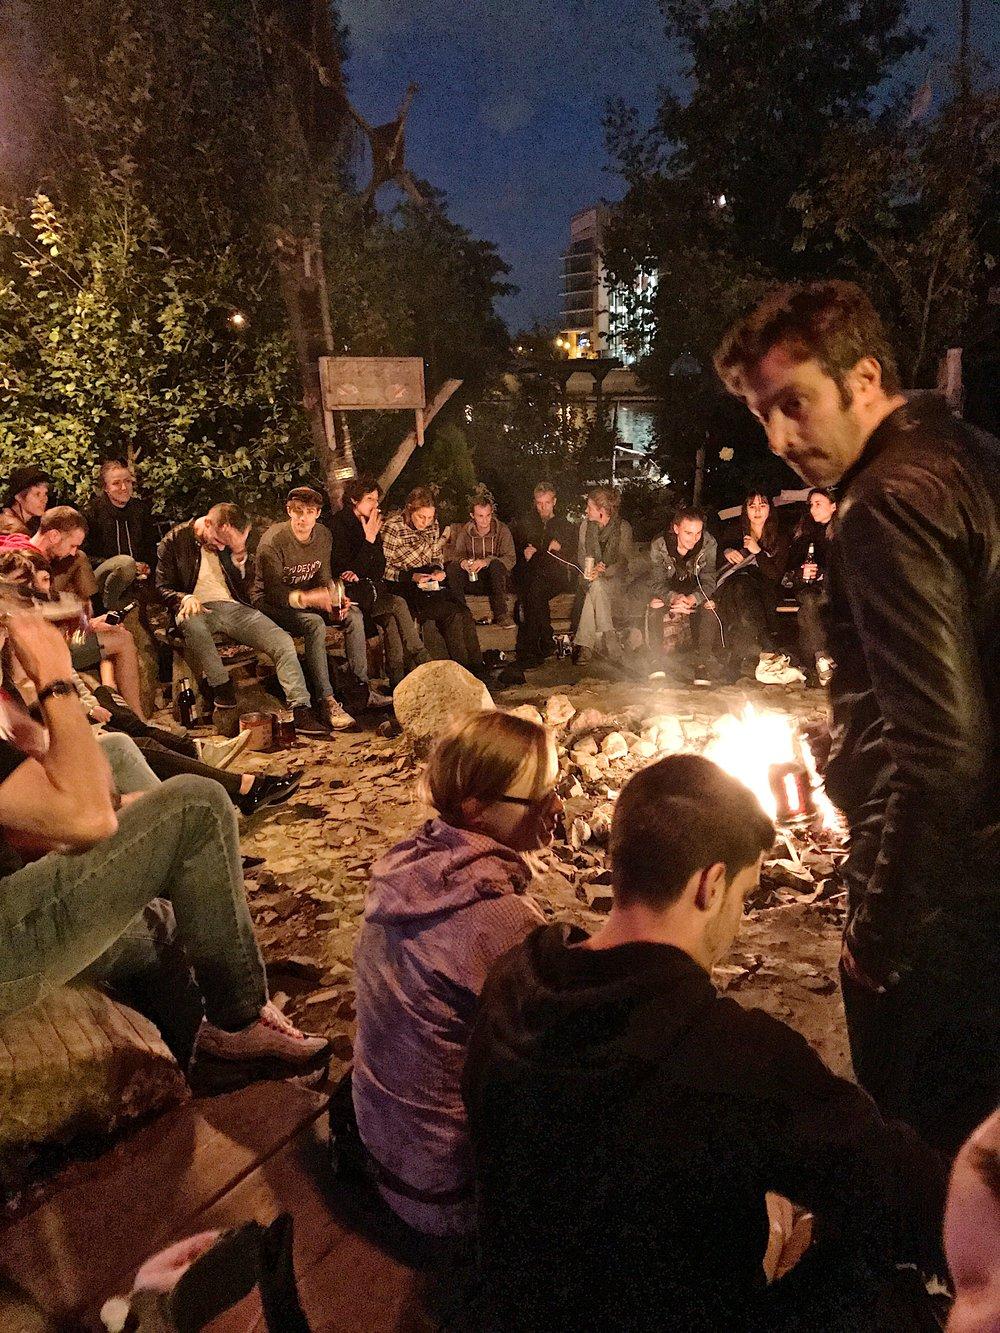 Bonfire 🔥🔥🔥